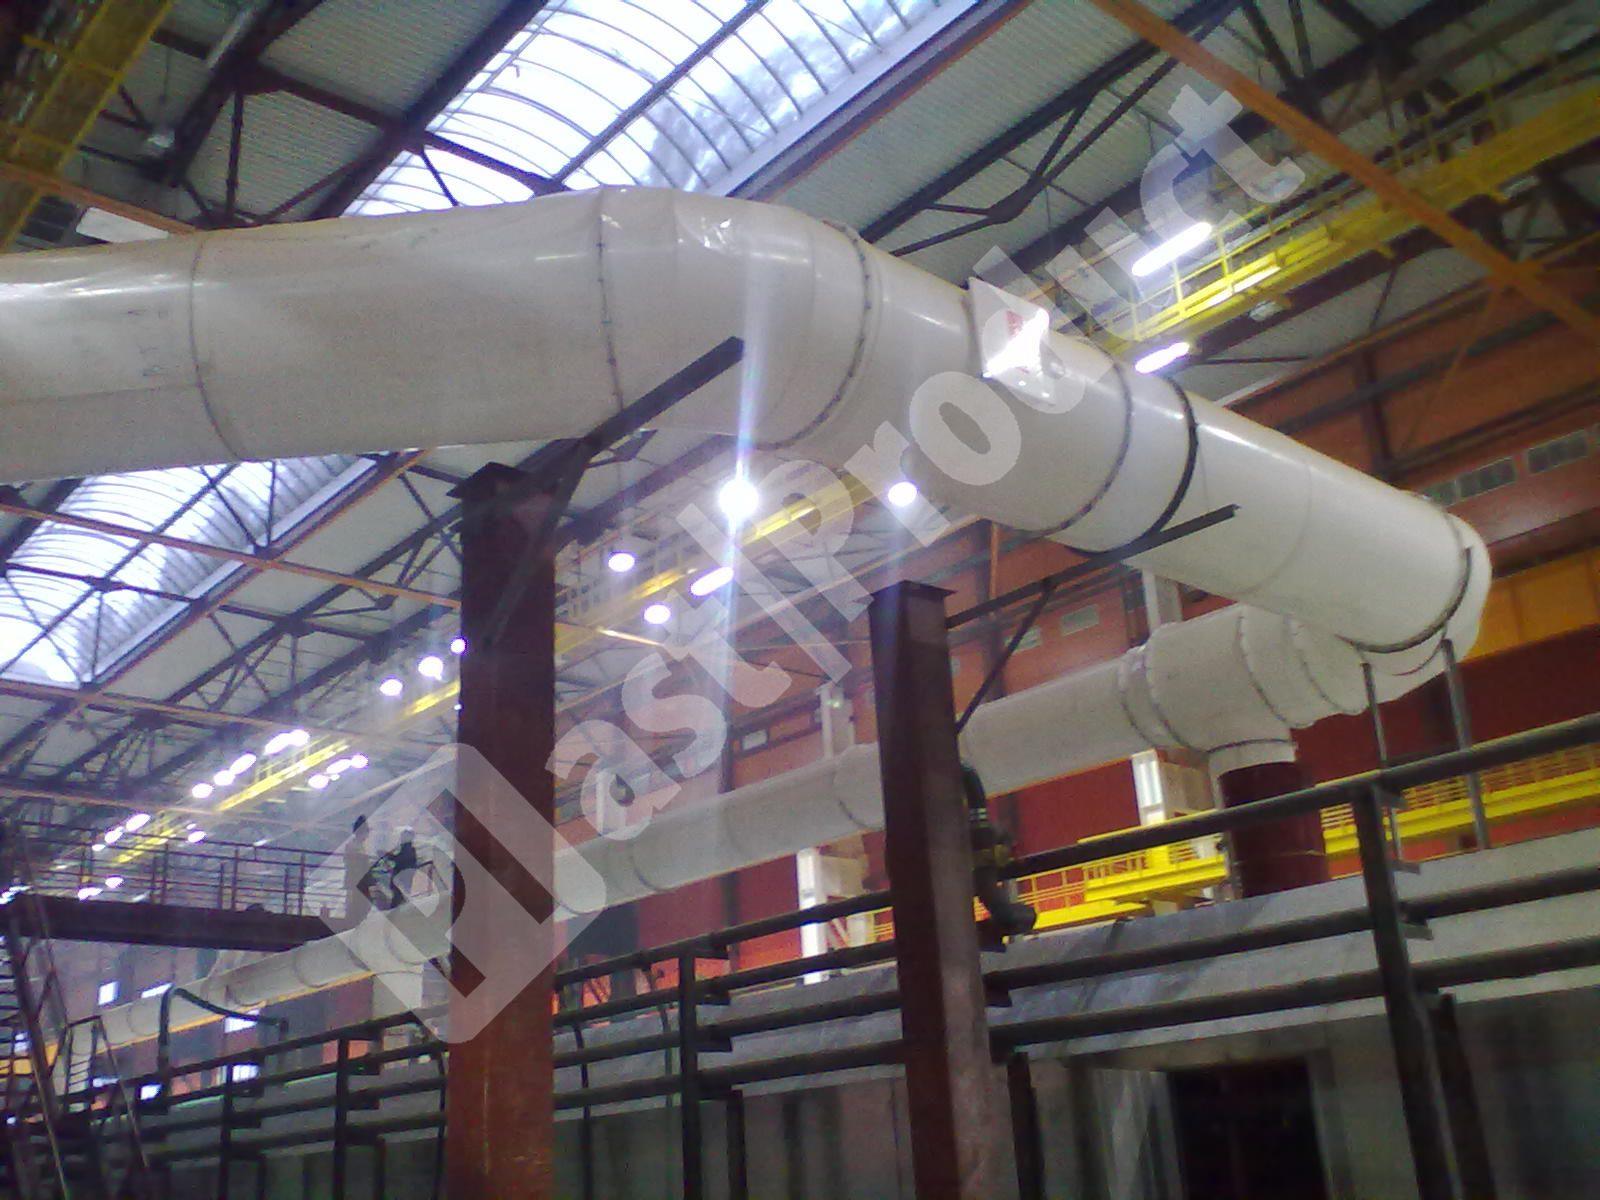 пластиковая круглая вентиляция из полипропилена в промышленном цеху